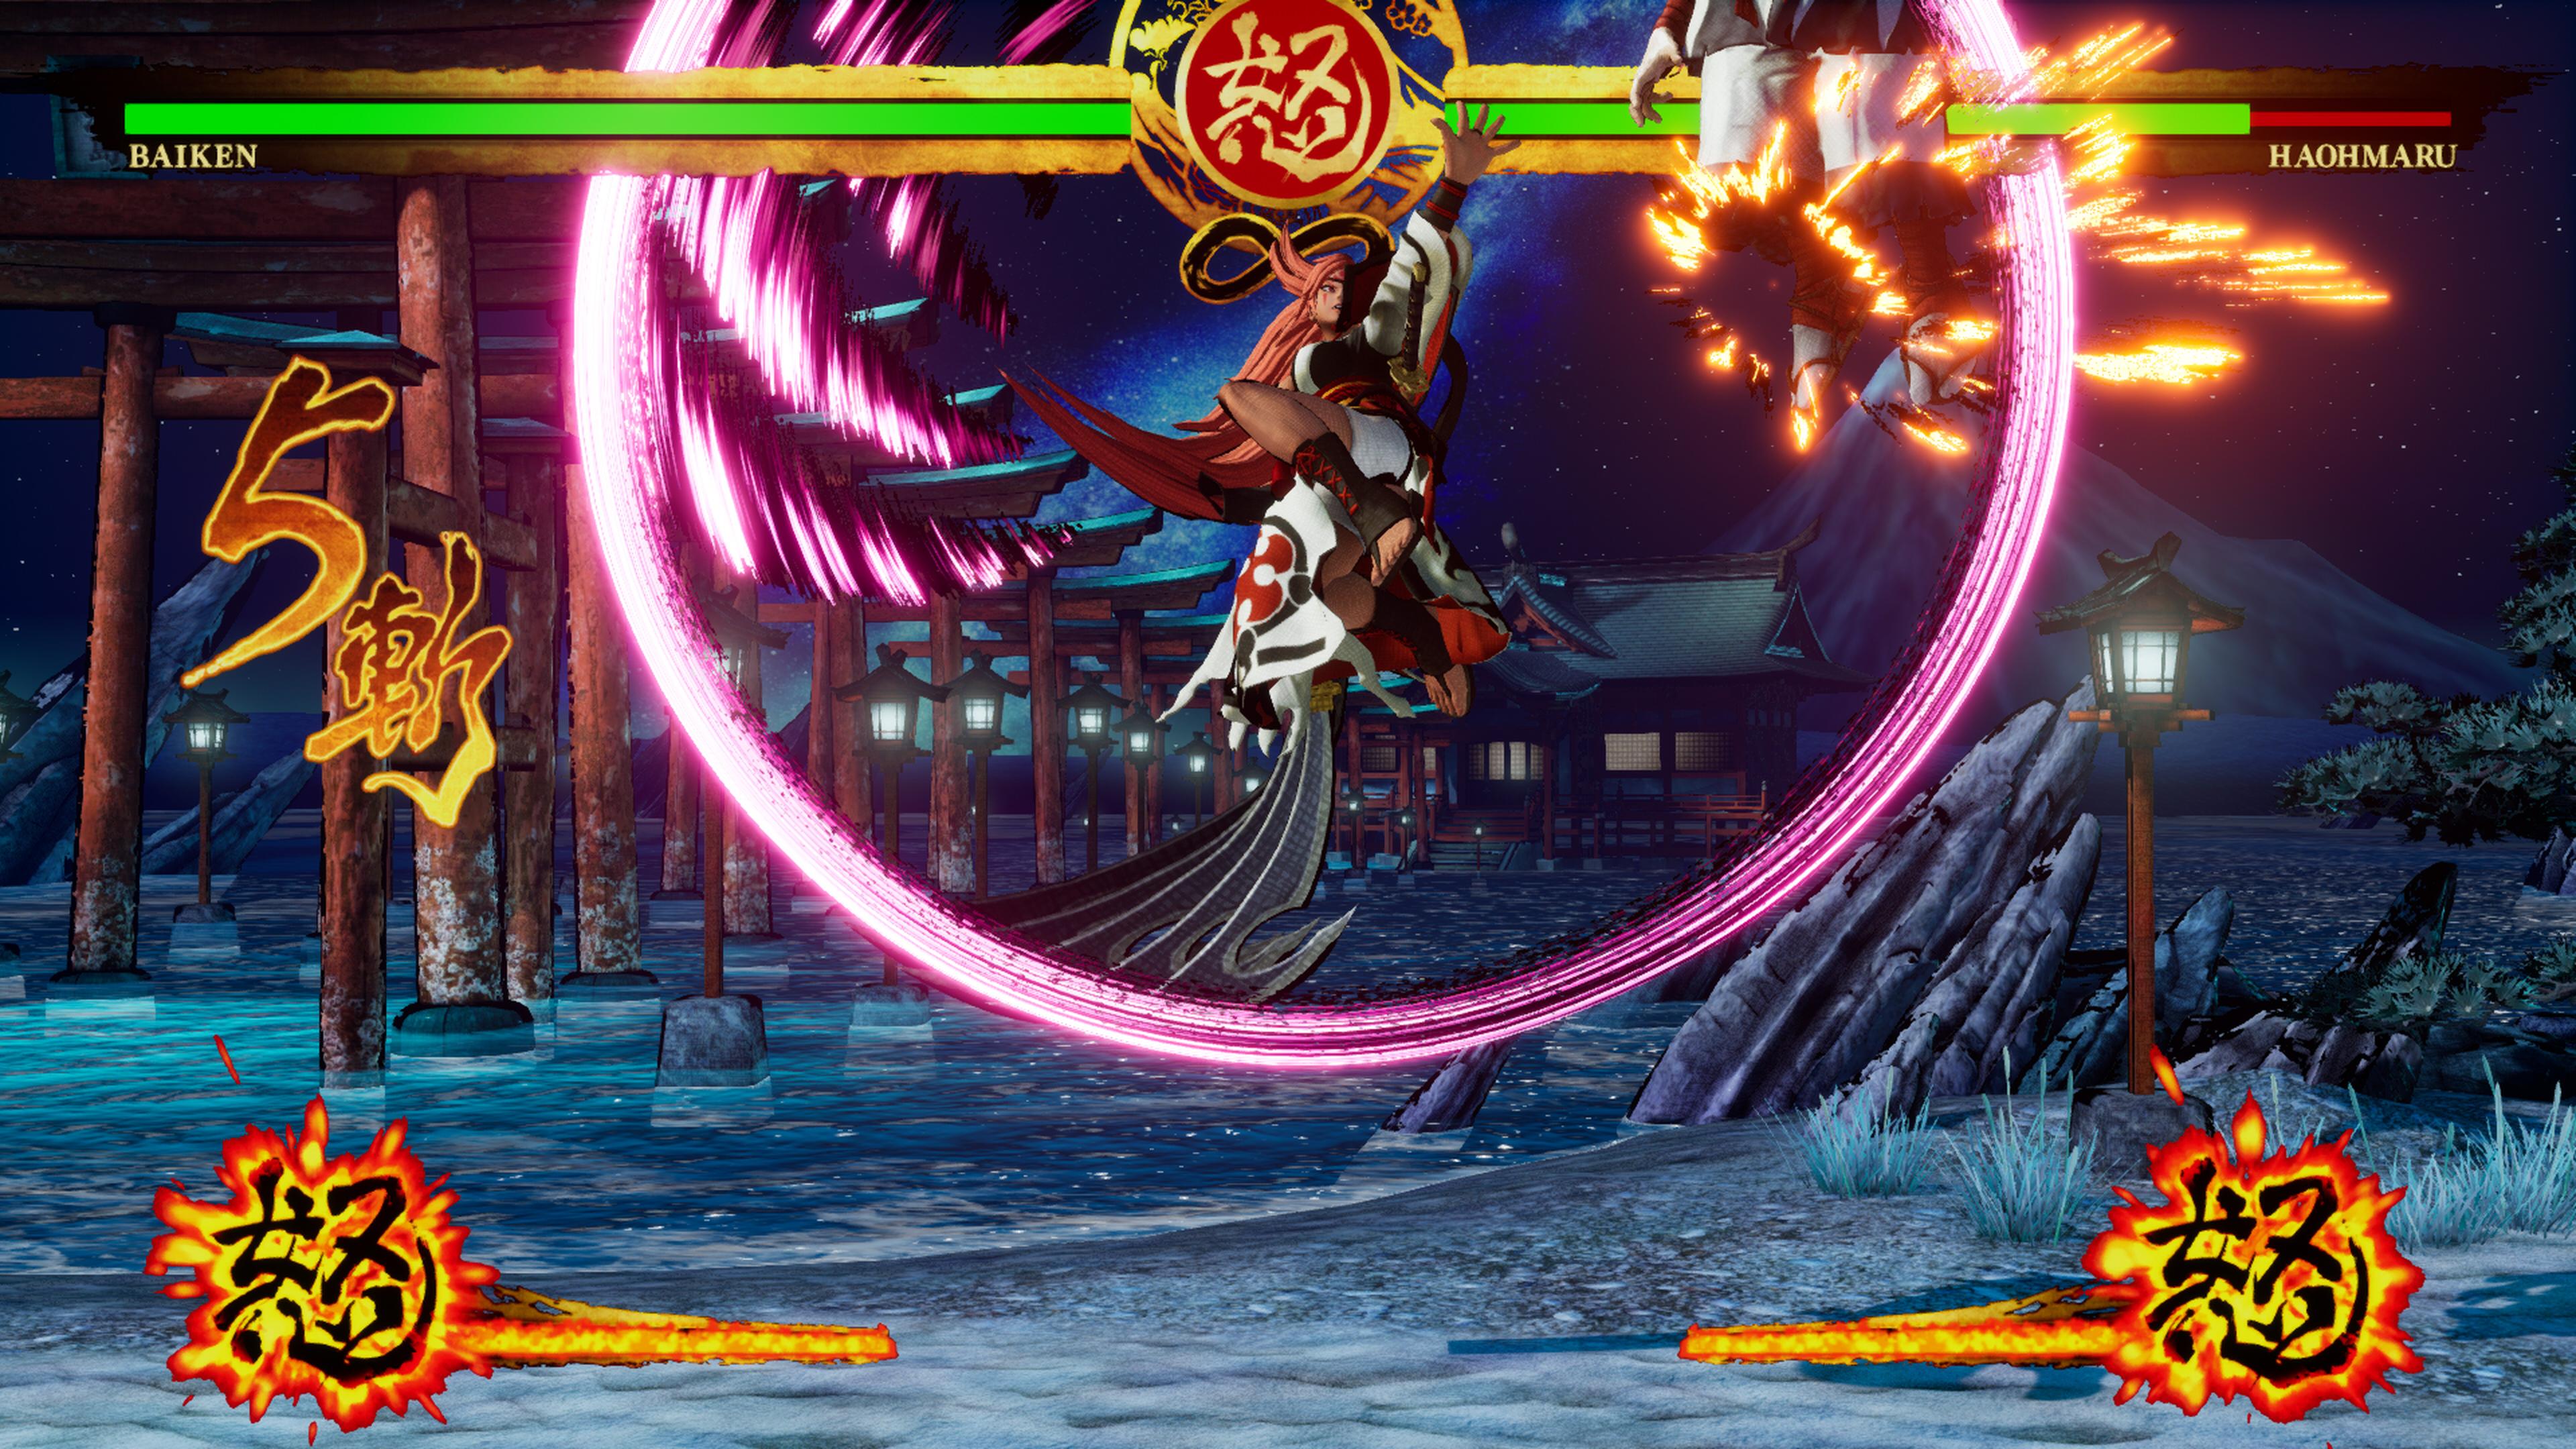 Скриншот №5 к SAMURAI SHODOWN DLC С ПЕРСОНАЖЕМ «BAIKEN»